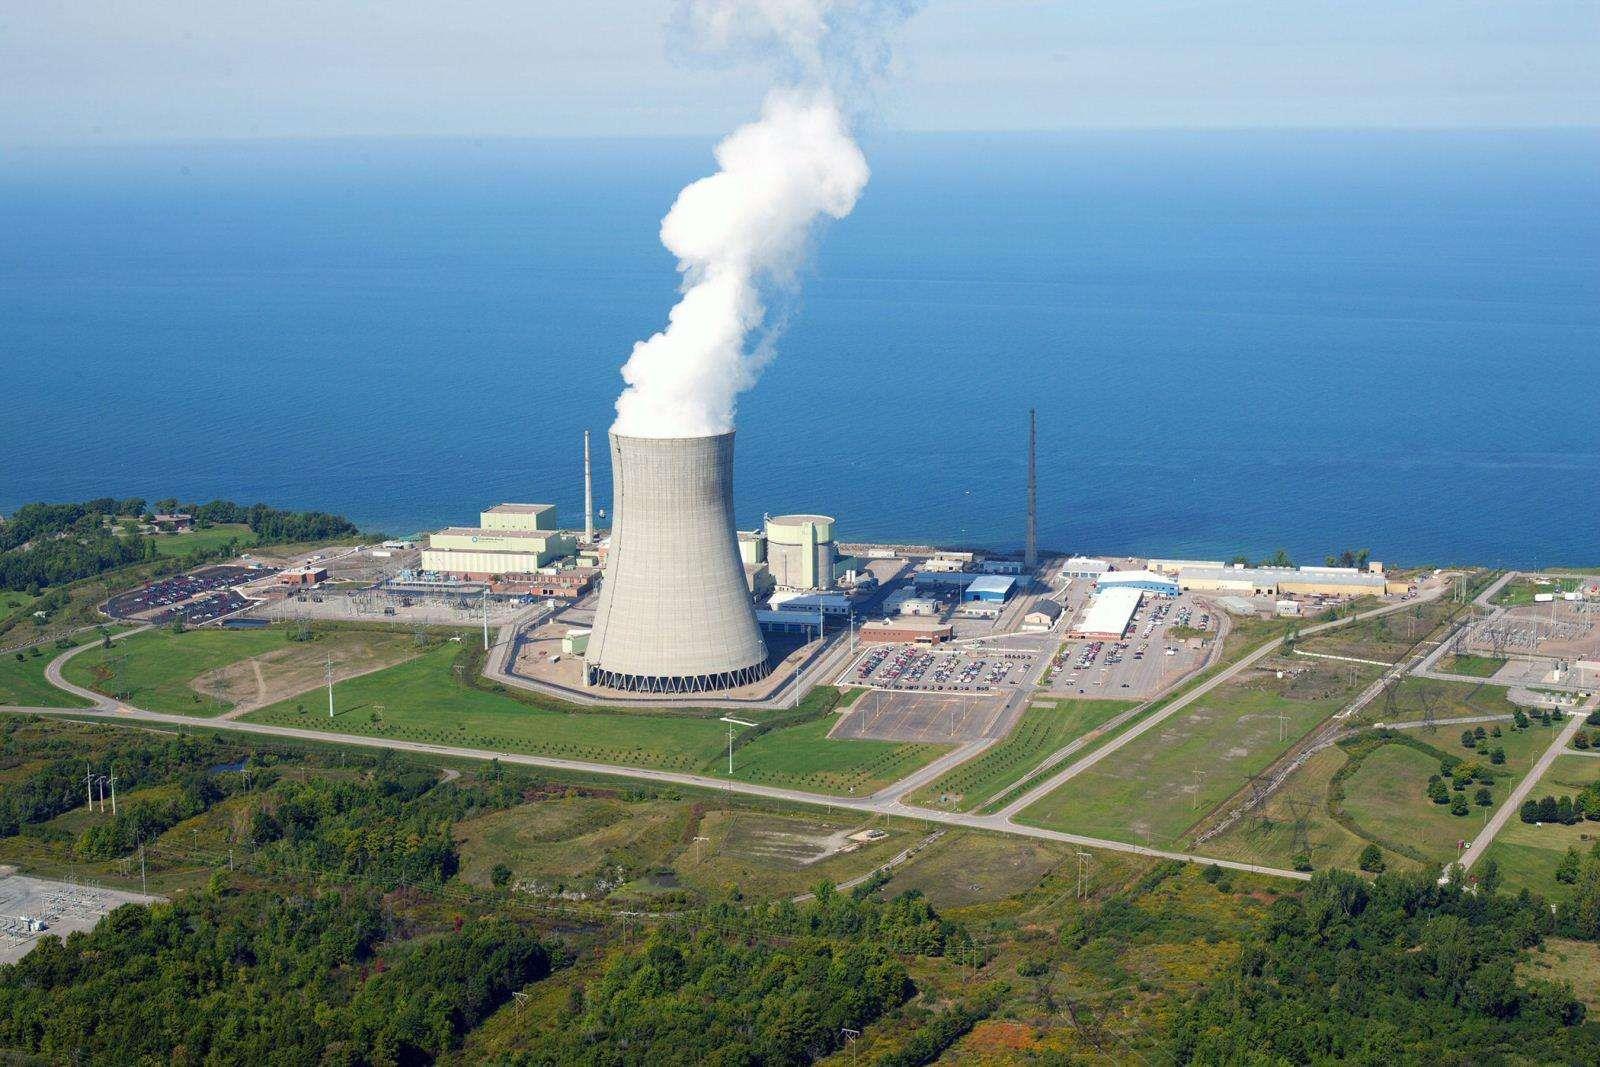 印度尼西亚拟建国内首座核电站